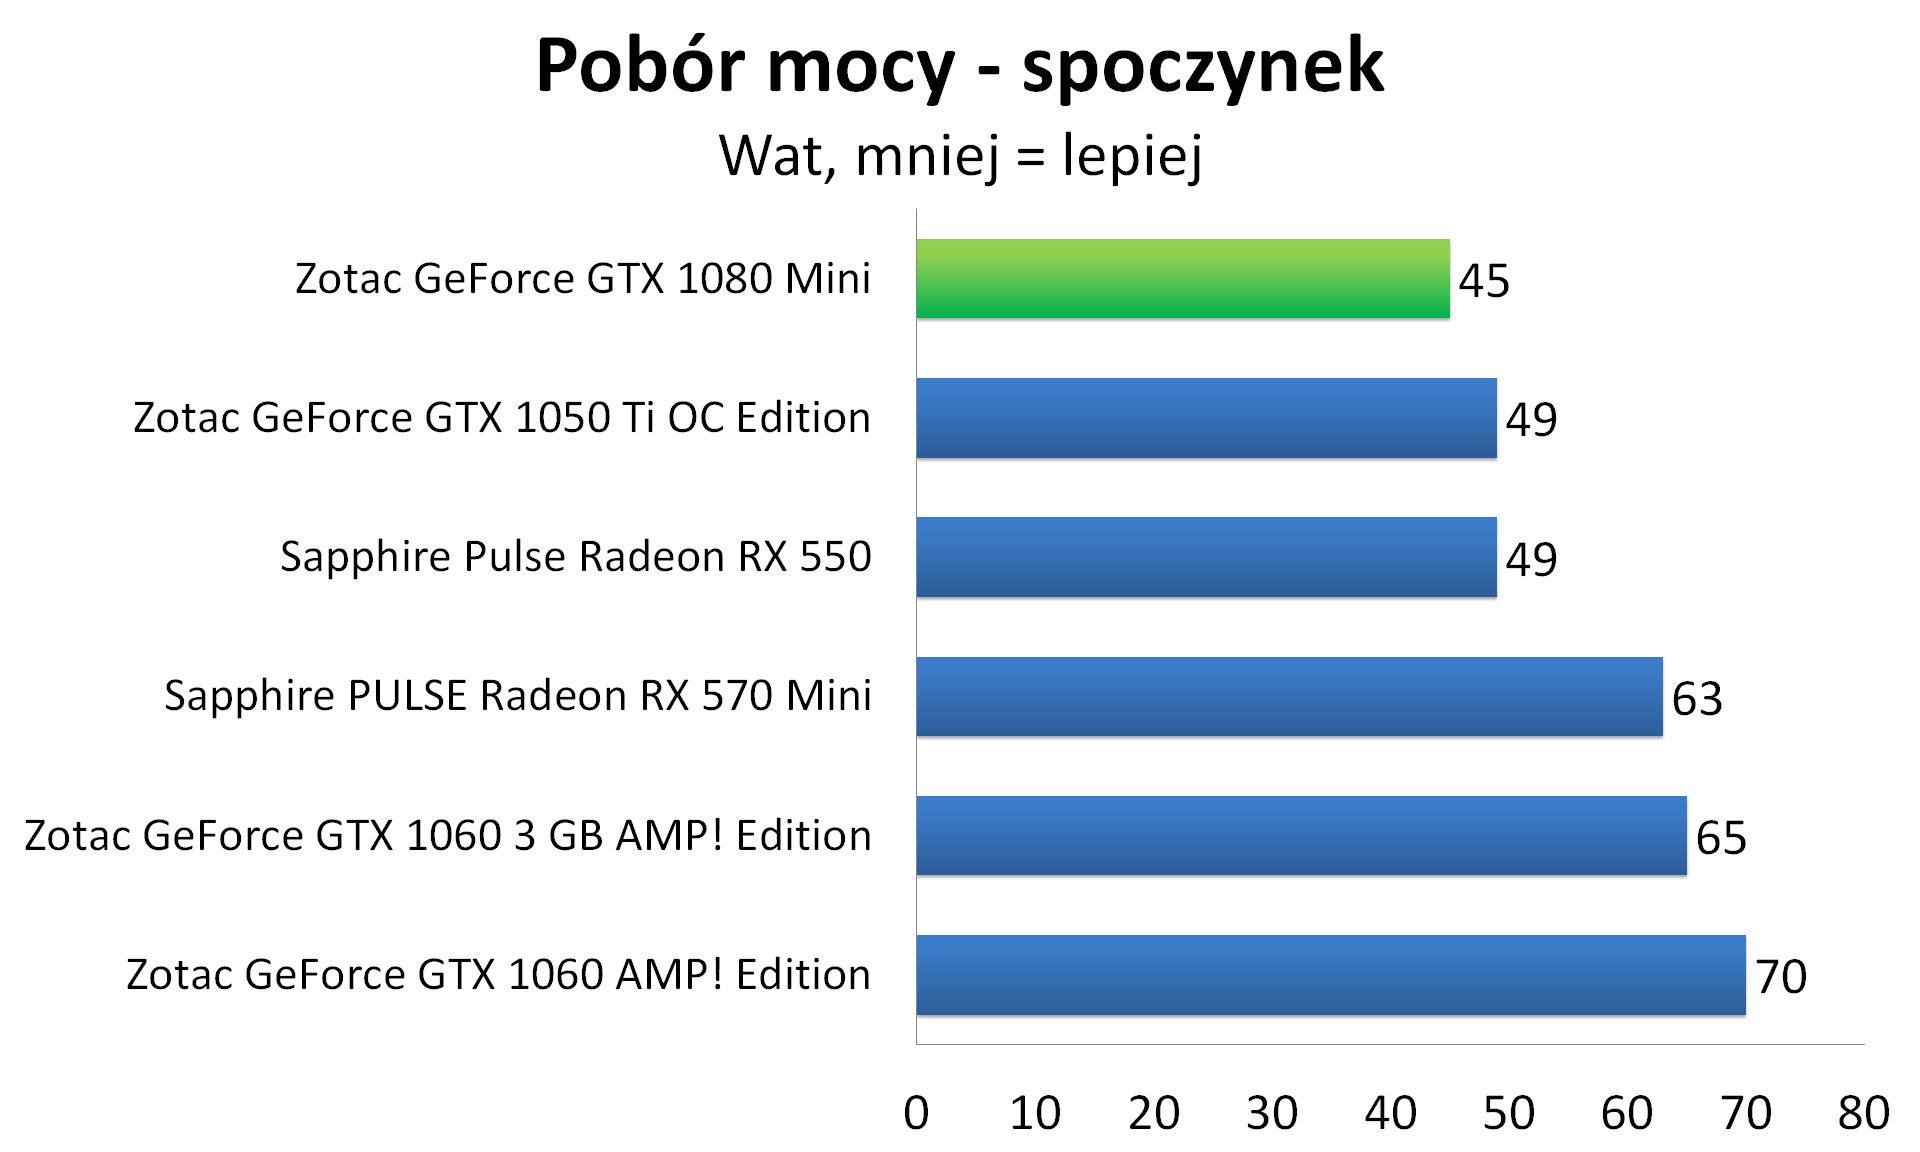 Zotac GeForce GTX 1080 Mini - Pobór mocy - spoczynek